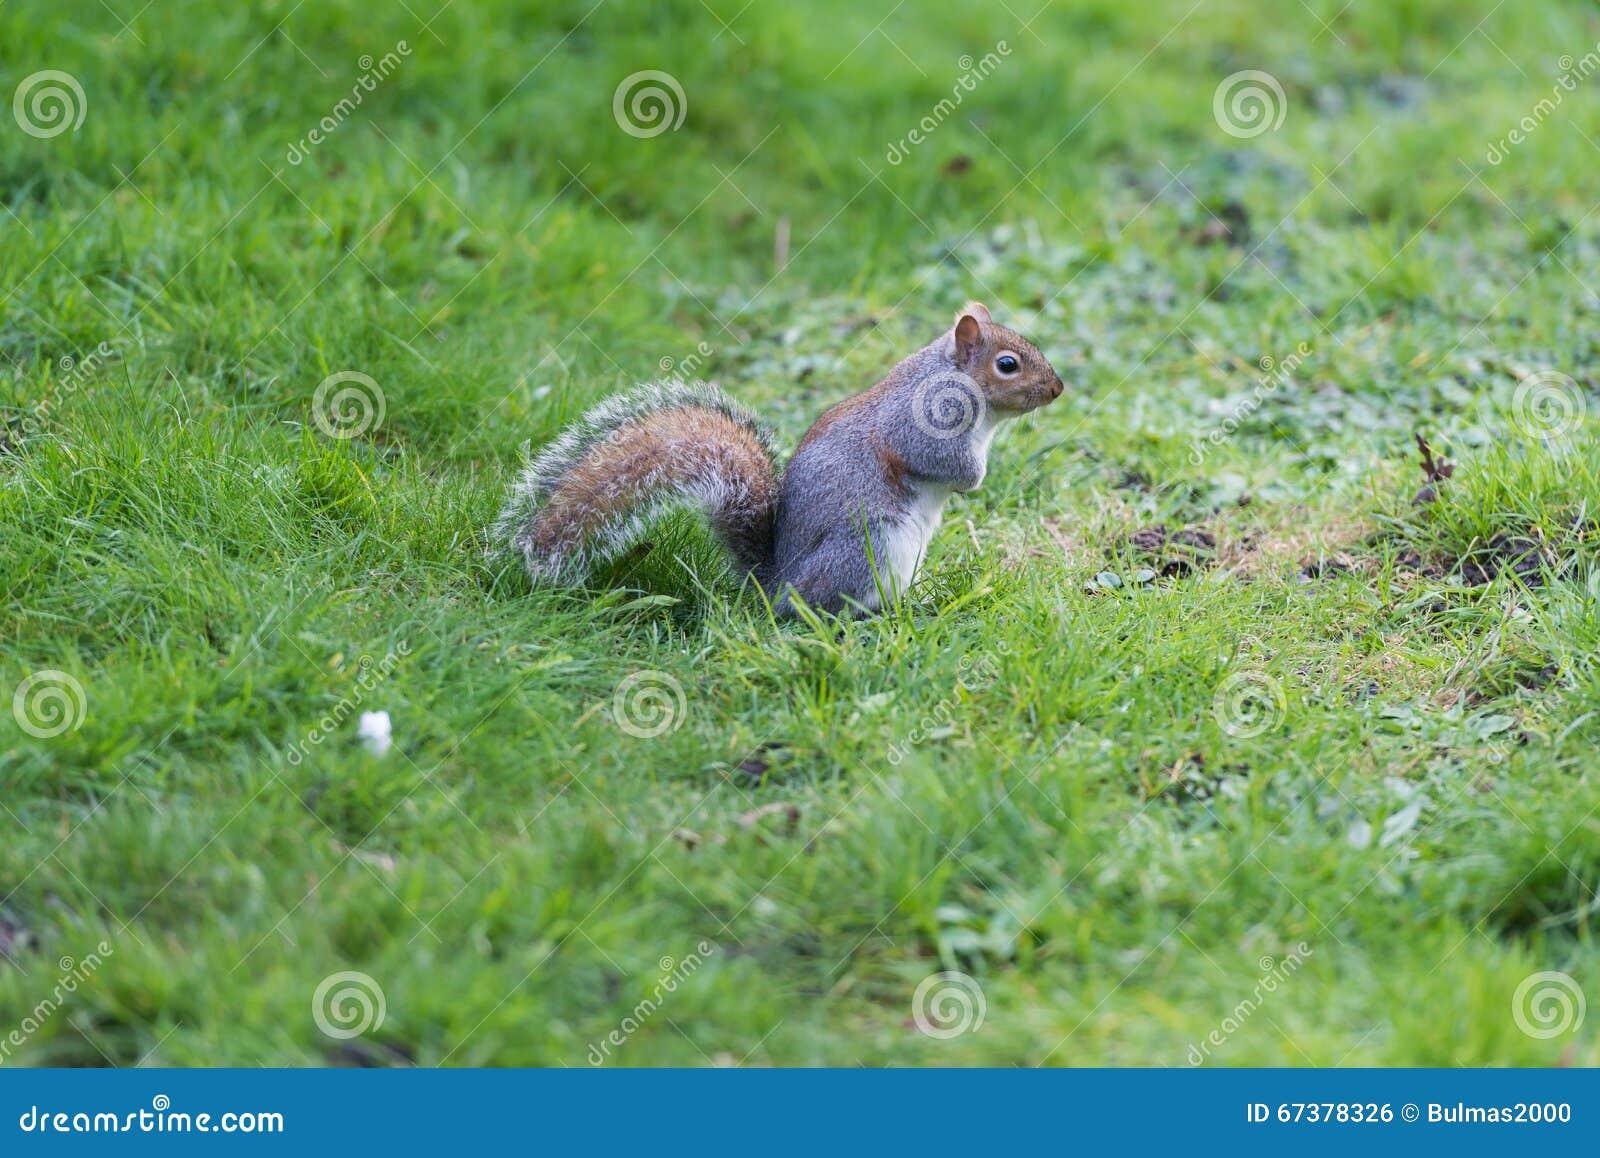 Fußboden Graß Essen ~ Eichhörnchen im parkboden stockfoto. bild von pelz essen 67378326